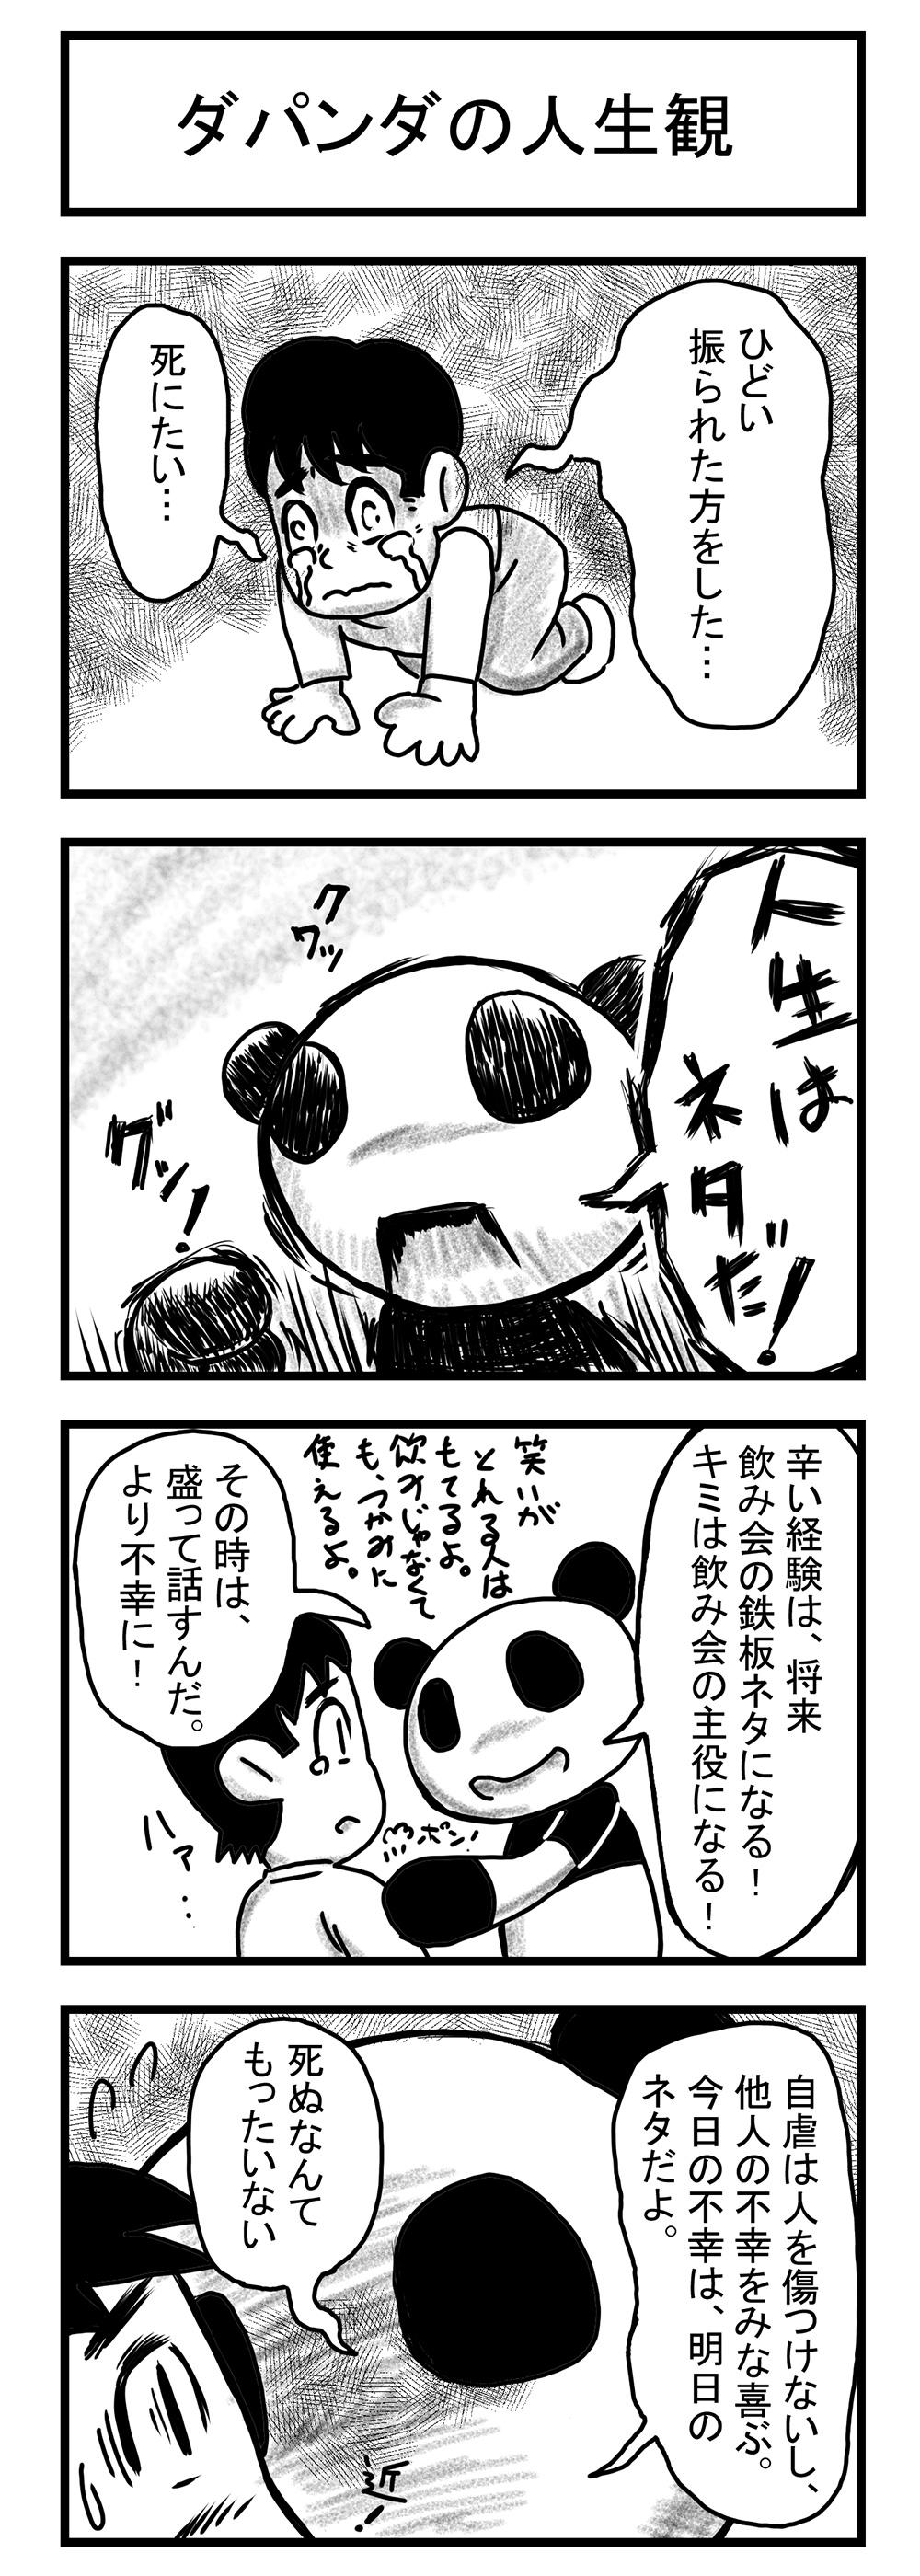 4コマ漫画「ダ!パンダ」その4「ダパンダの人生観・辛くても」(Raytrektabで描く漫画)#4コマ漫画 #Raytrektab